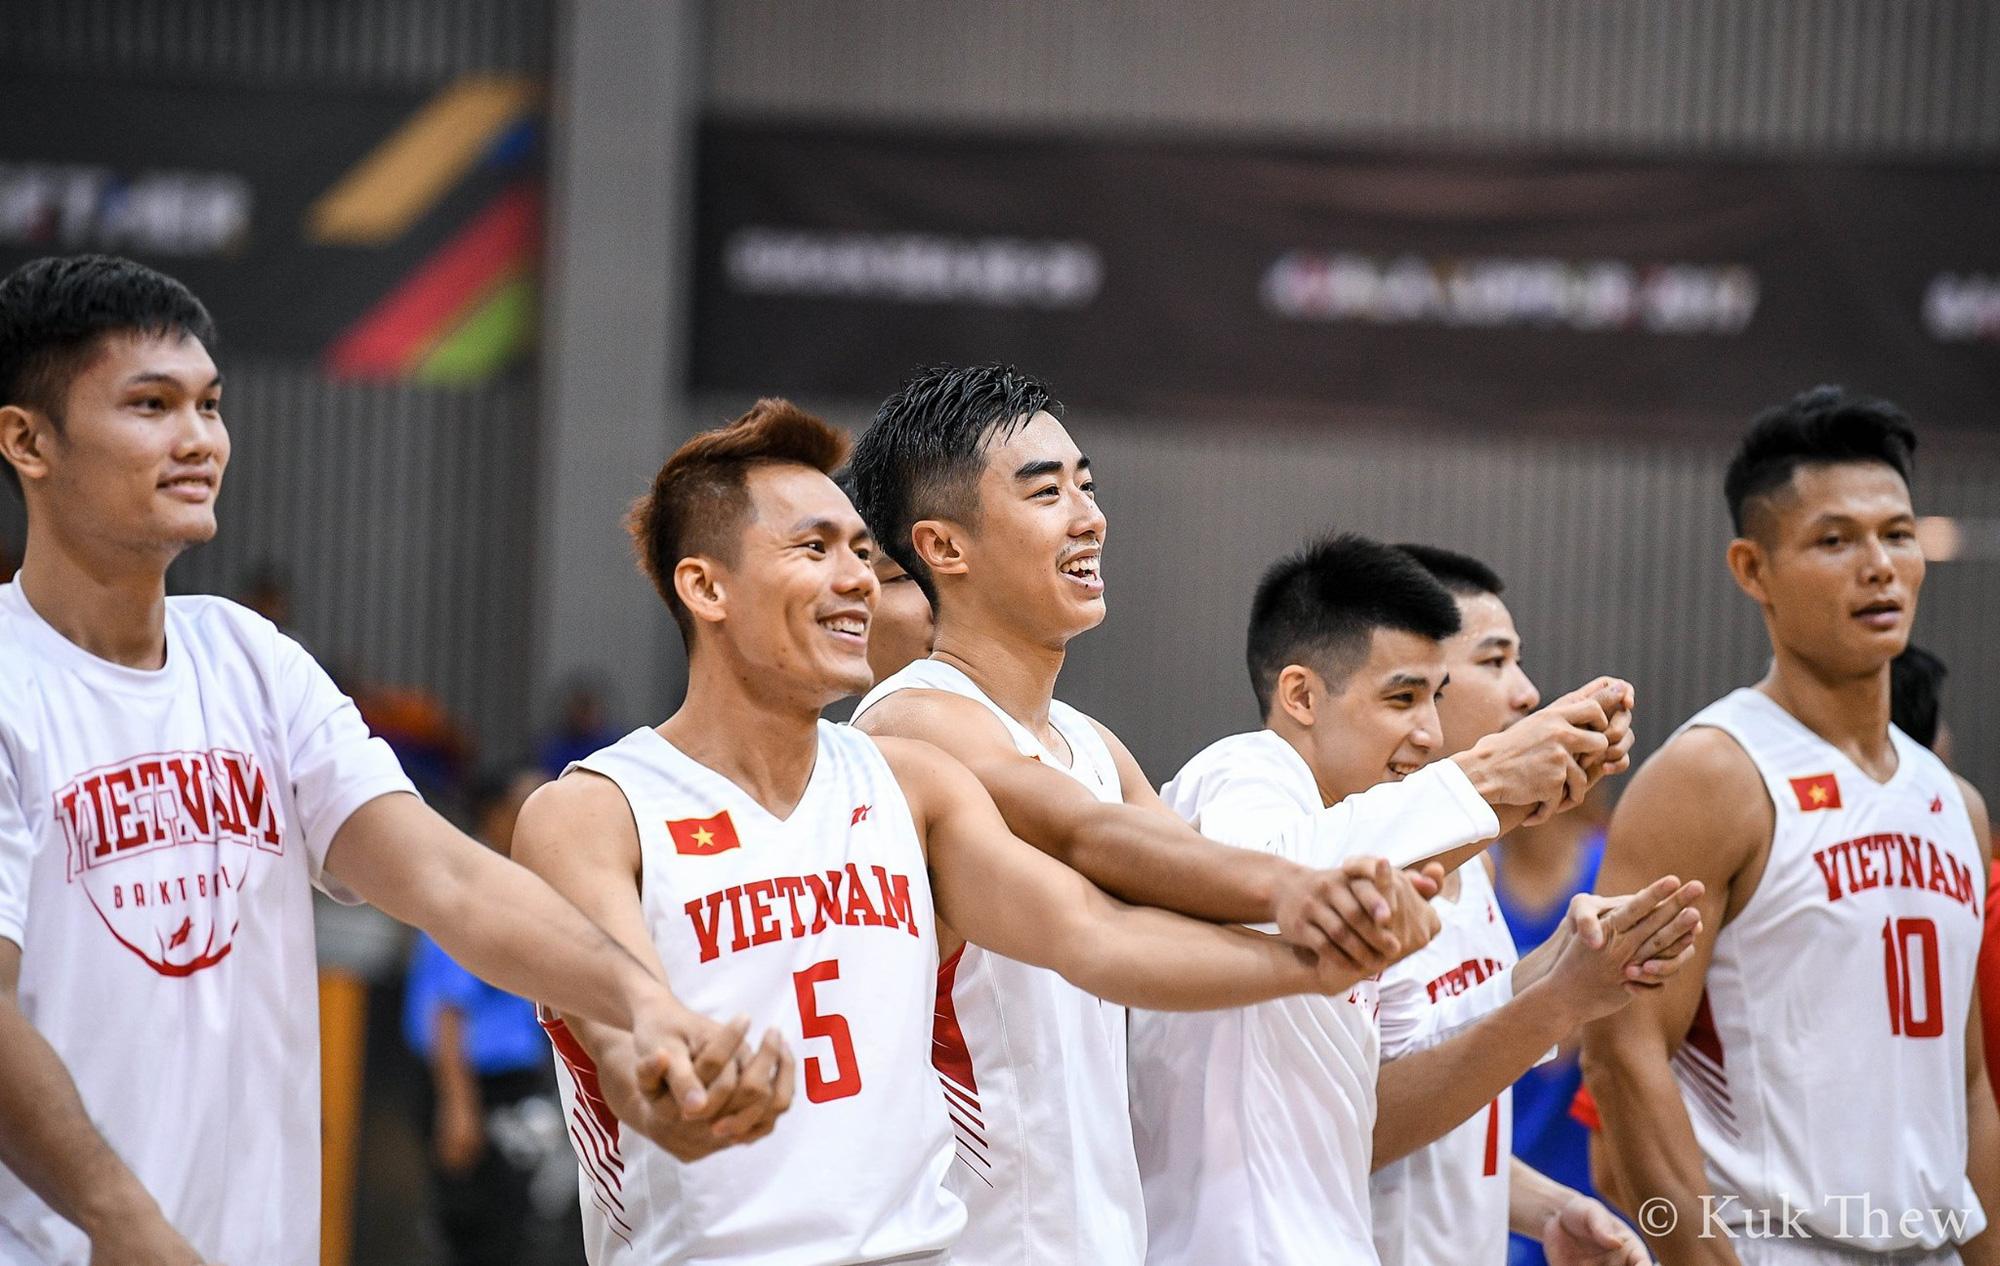 Hai lần làm nên lịch sử tại SEA Games 30, đội tuyển bóng rổ Việt Nam liệu có được thưởng nóng? - Ảnh 2.